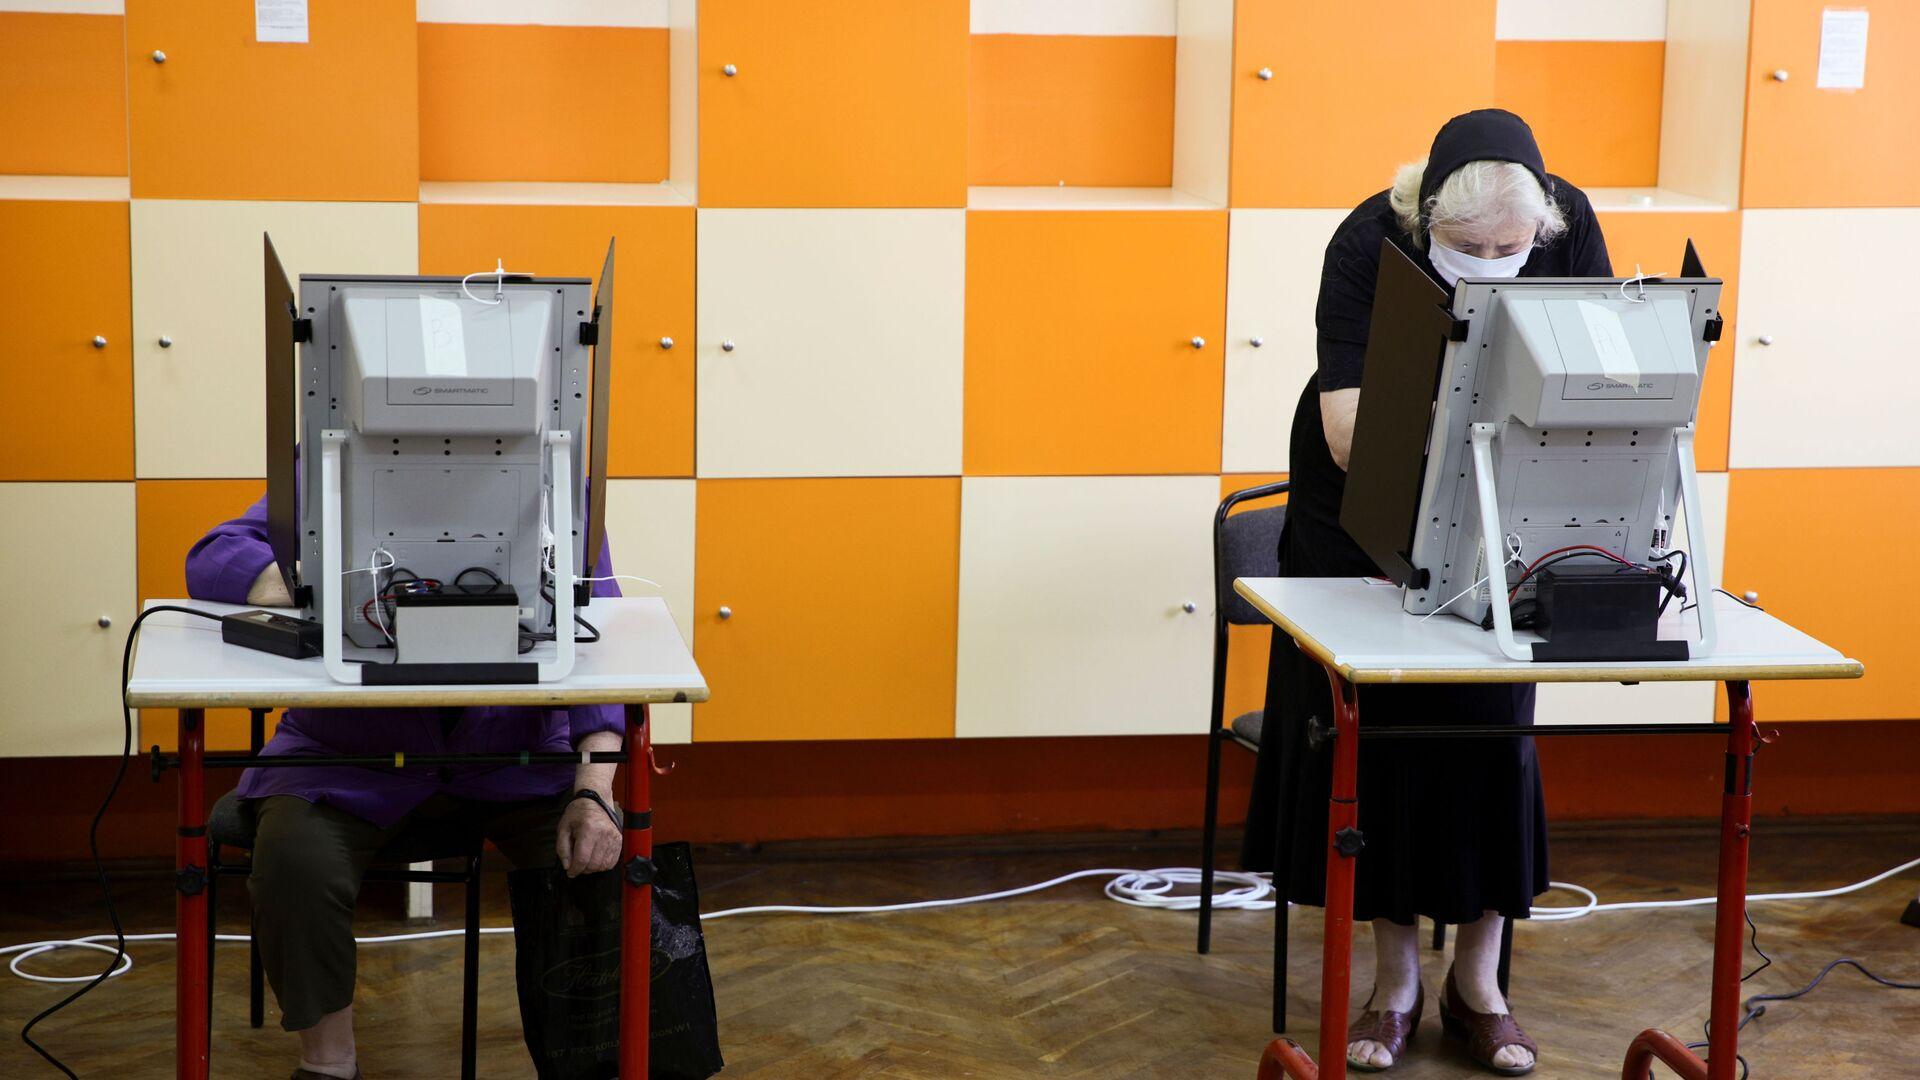 Voliči hlasují v předčasných parlamentních volbách ve volební místnosti v bulharské Sofii - Sputnik Česká republika, 1920, 20.09.2021